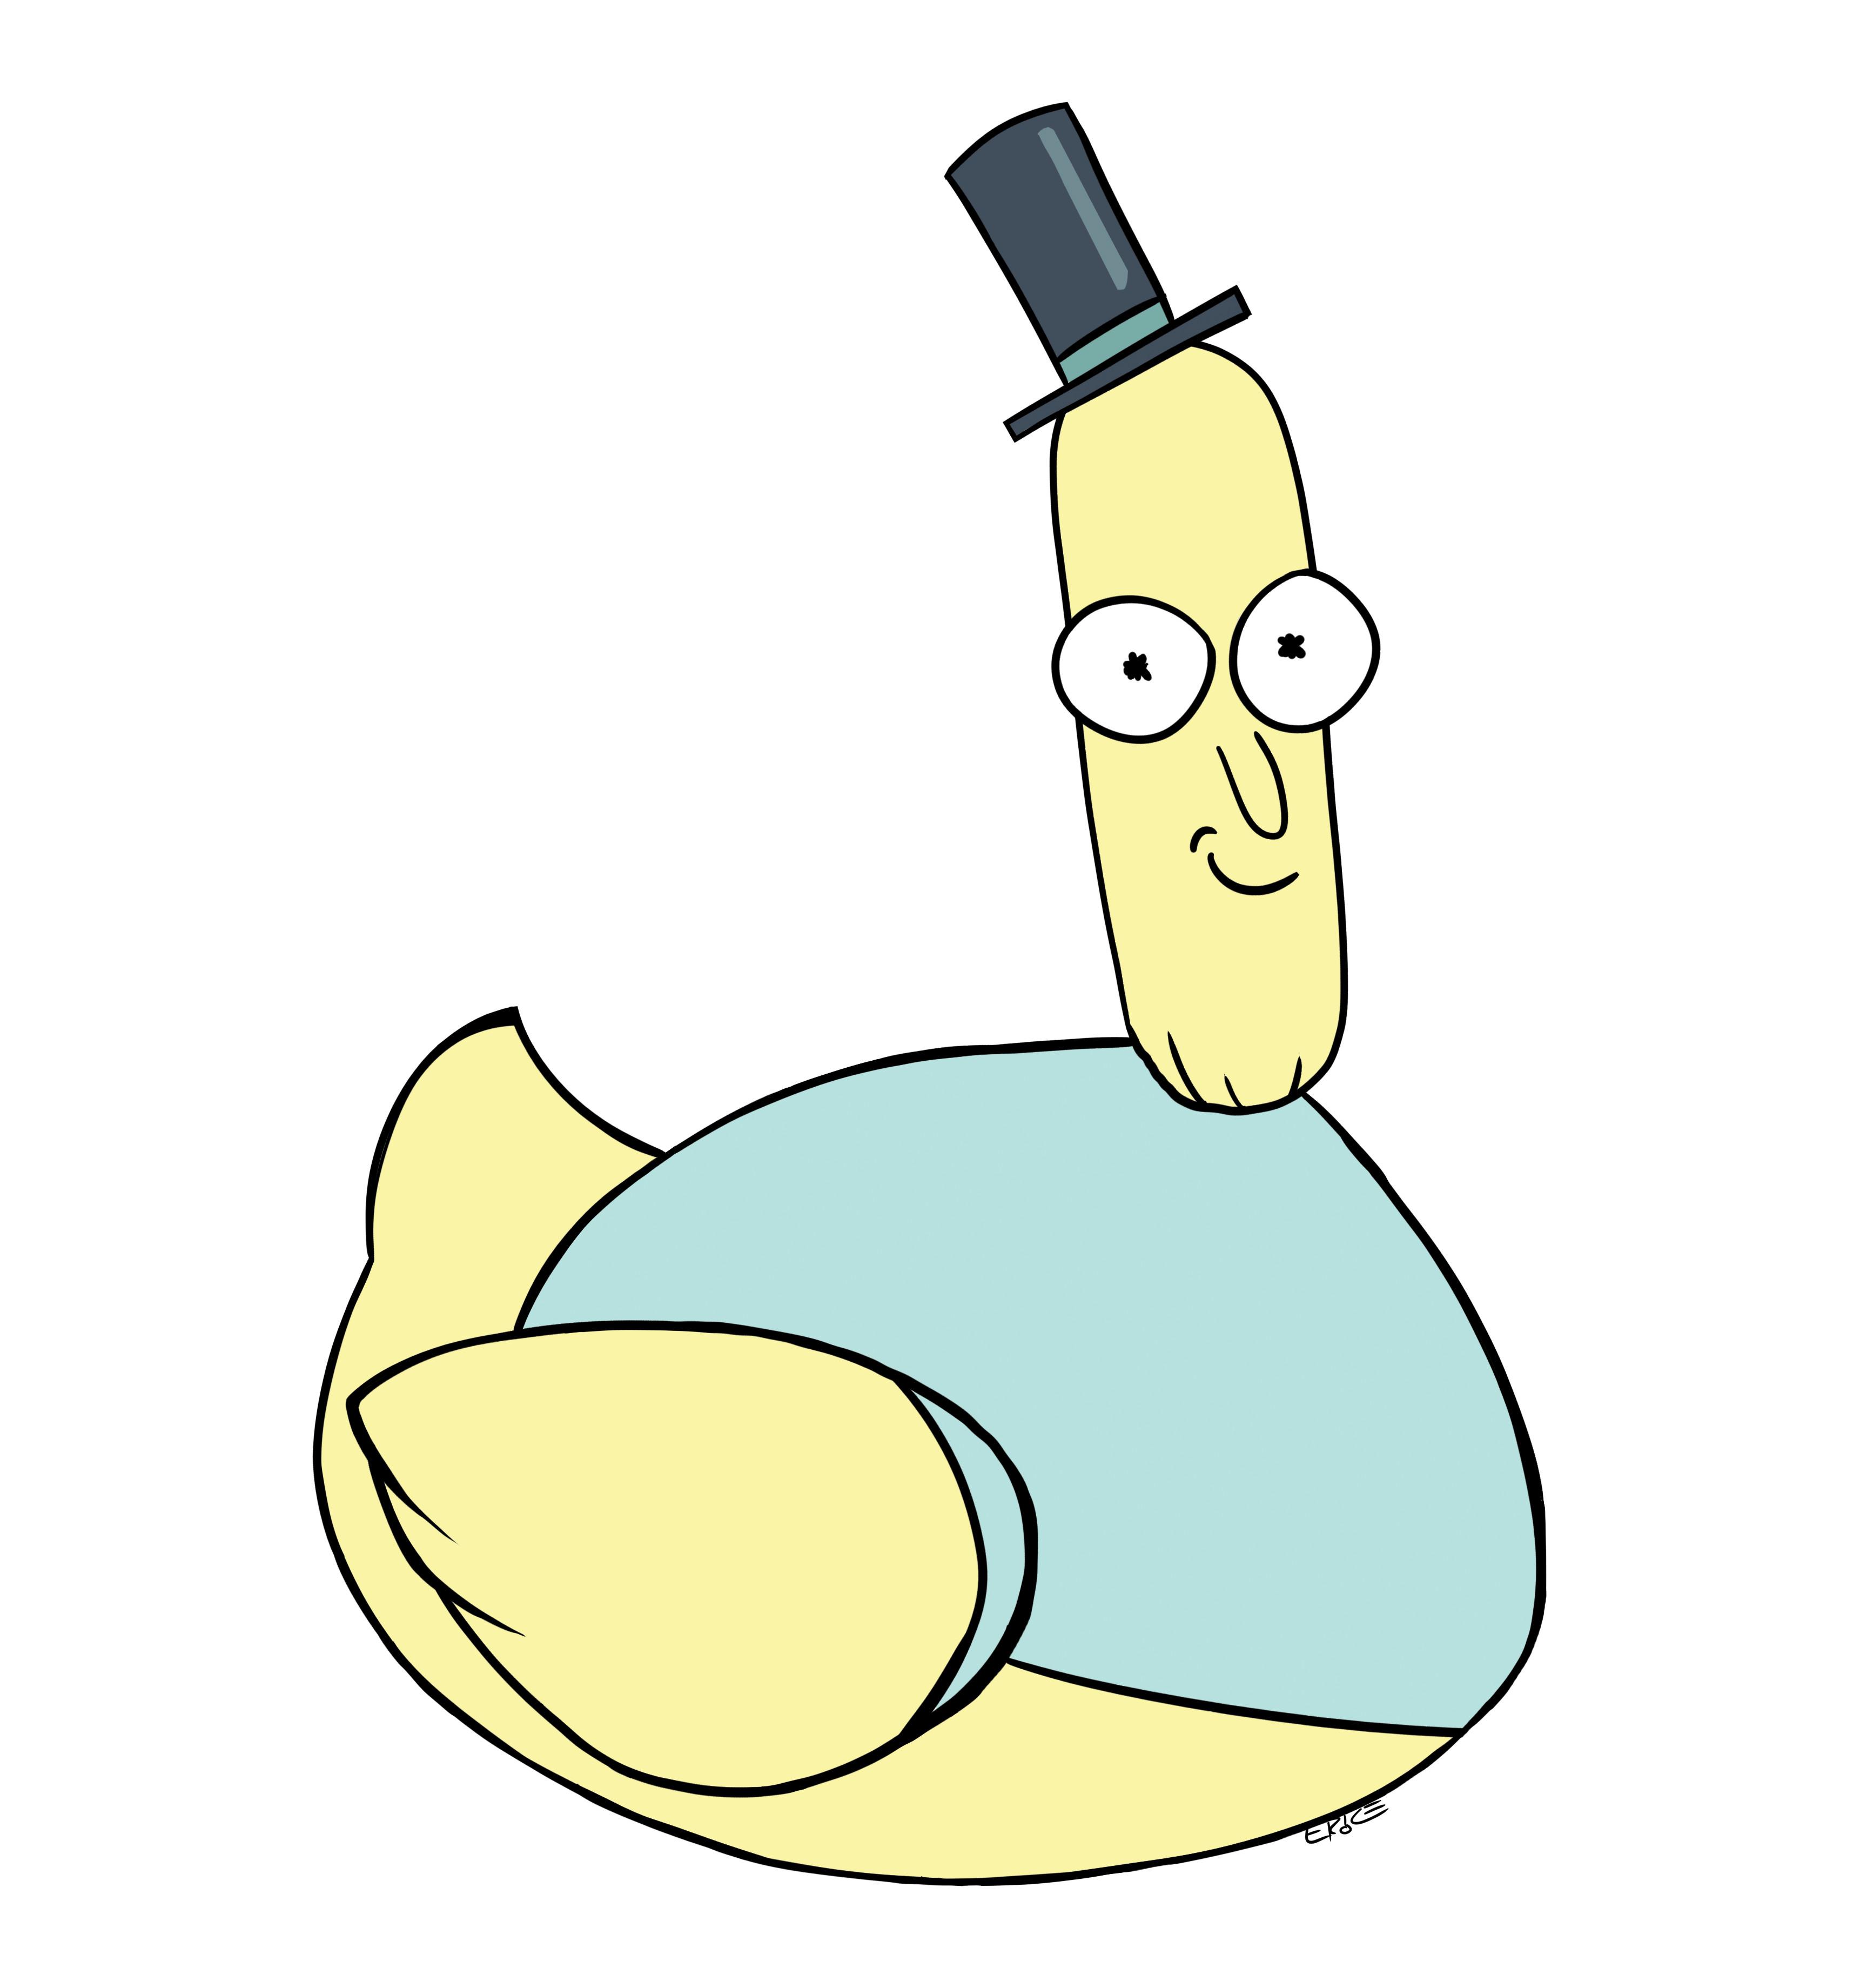 Mr. Poopy Quackhole